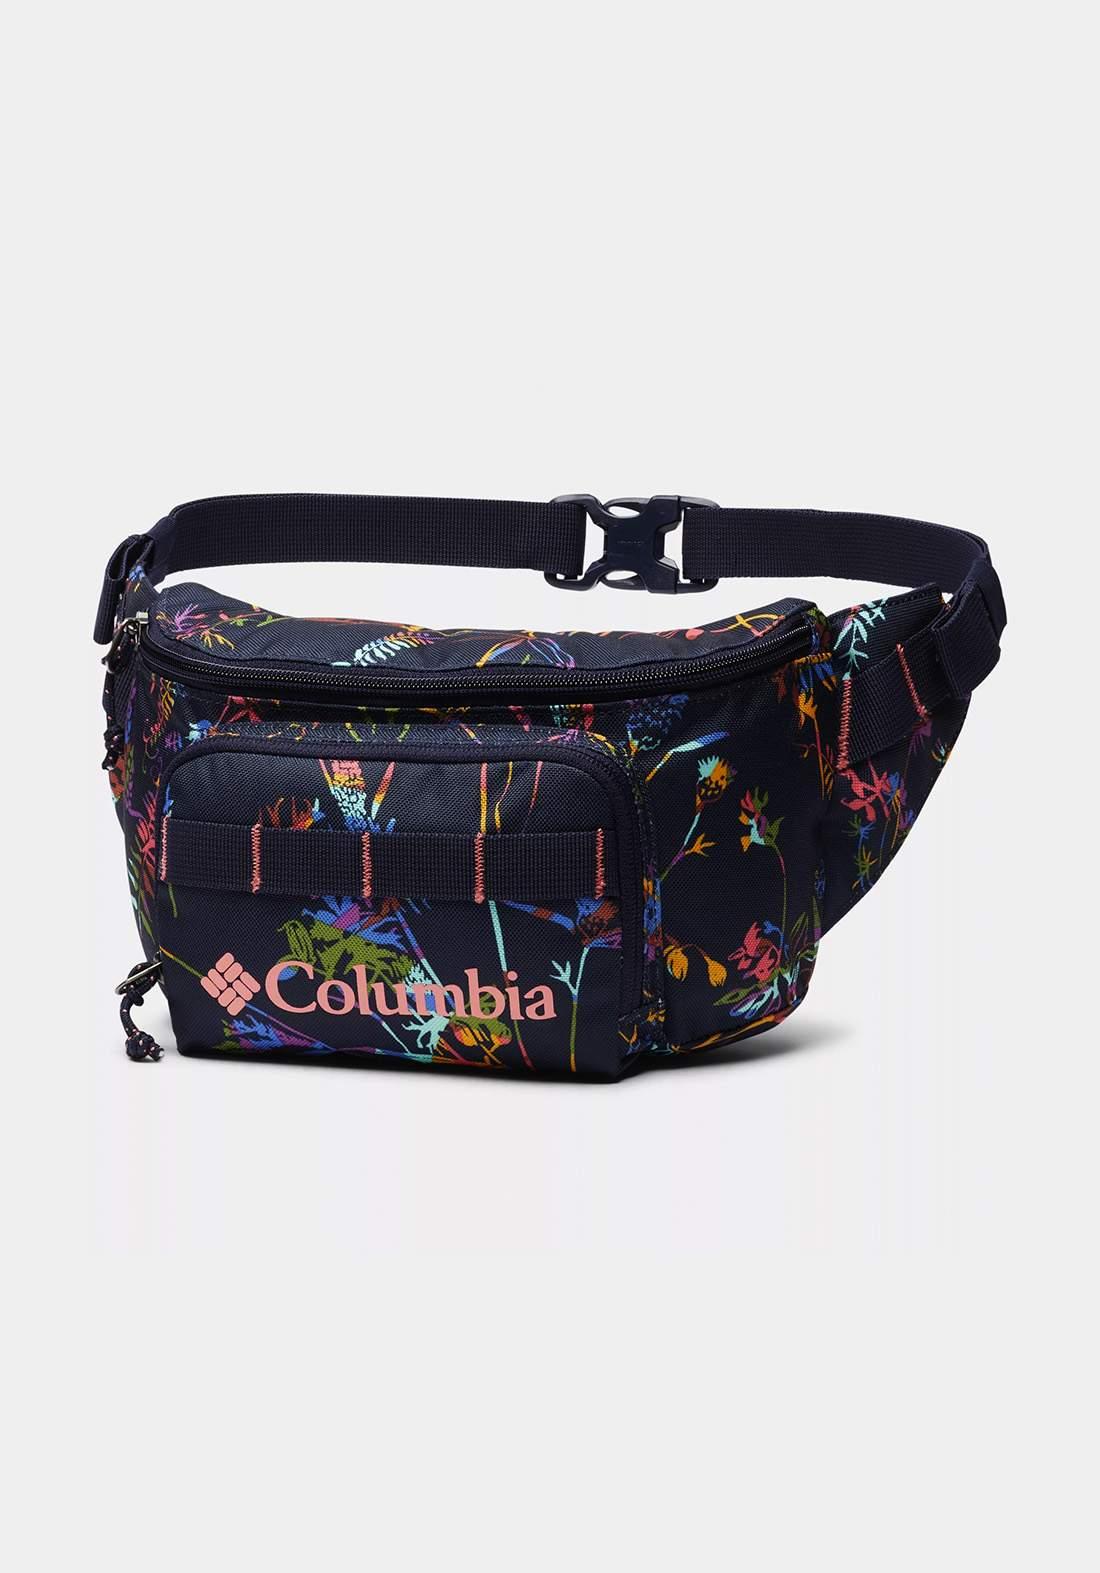 حقيبة ورك برسمات ملونة من Columbia